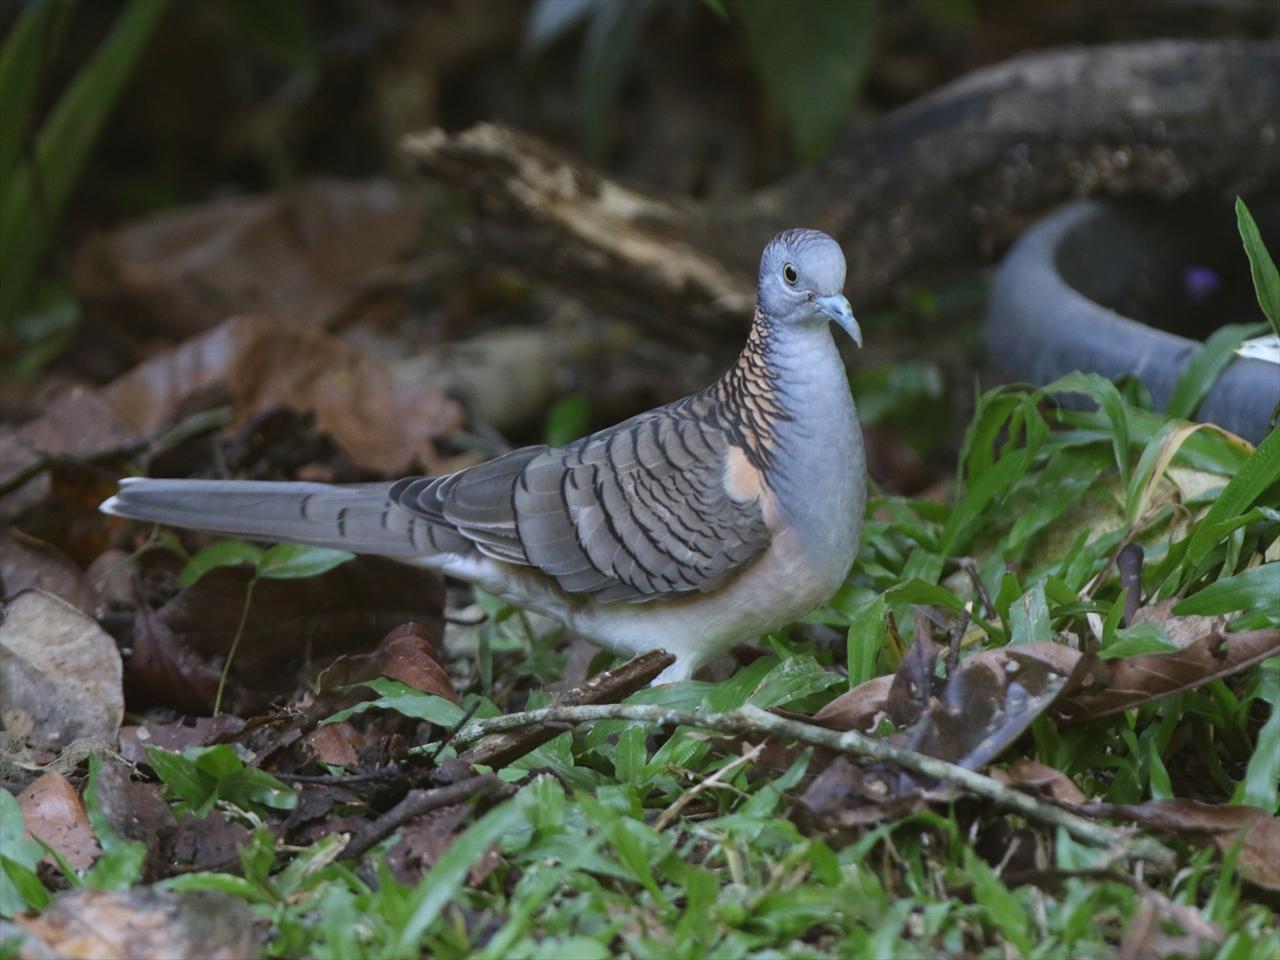 Barshoudered_dove